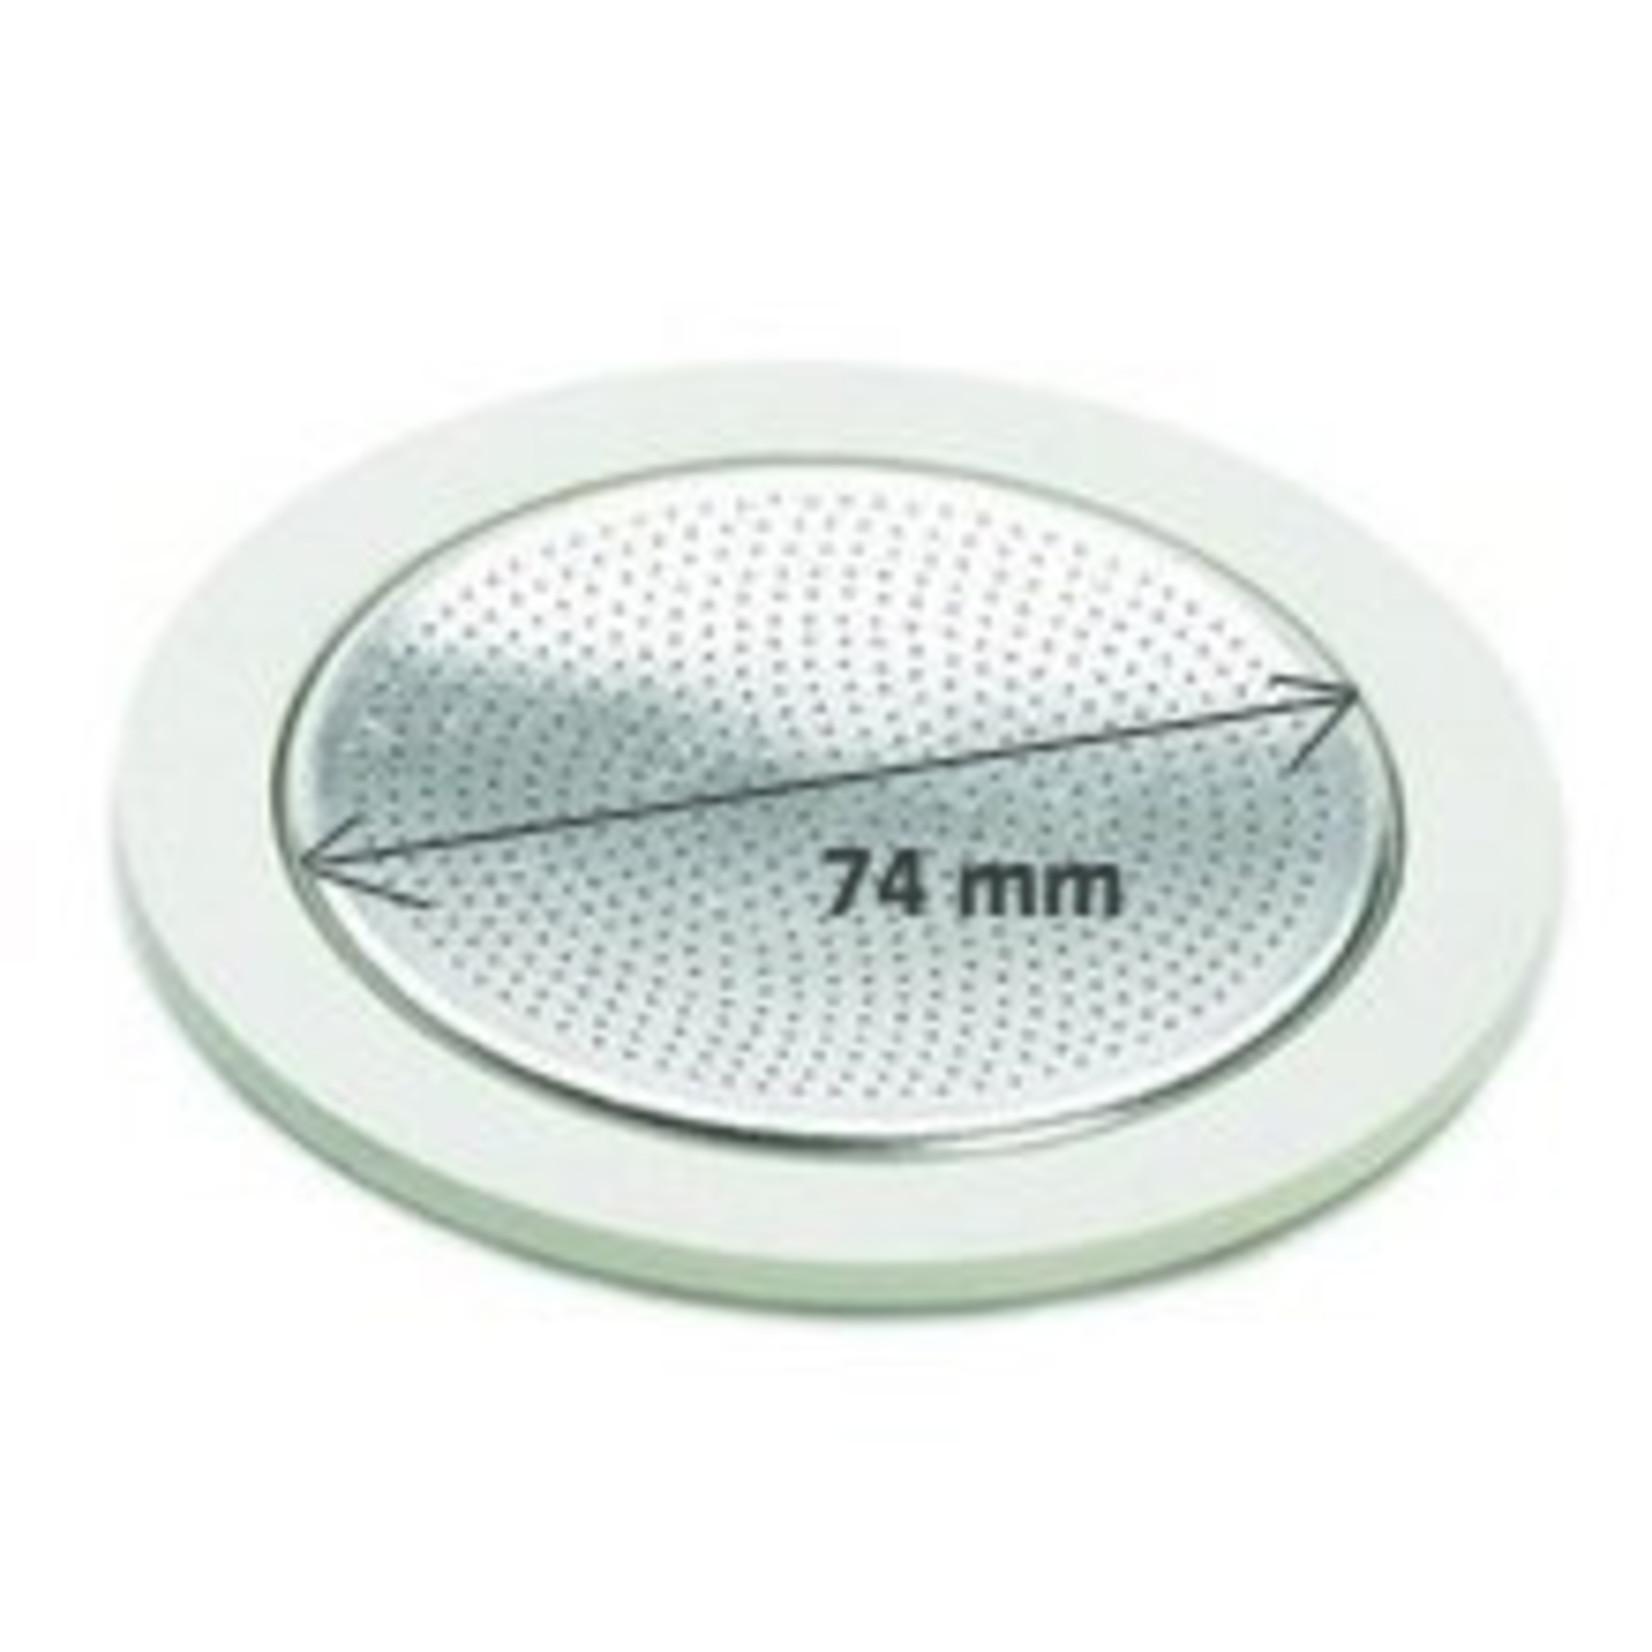 Bialetti Bialetti filterplaatje 12 kops aluminium